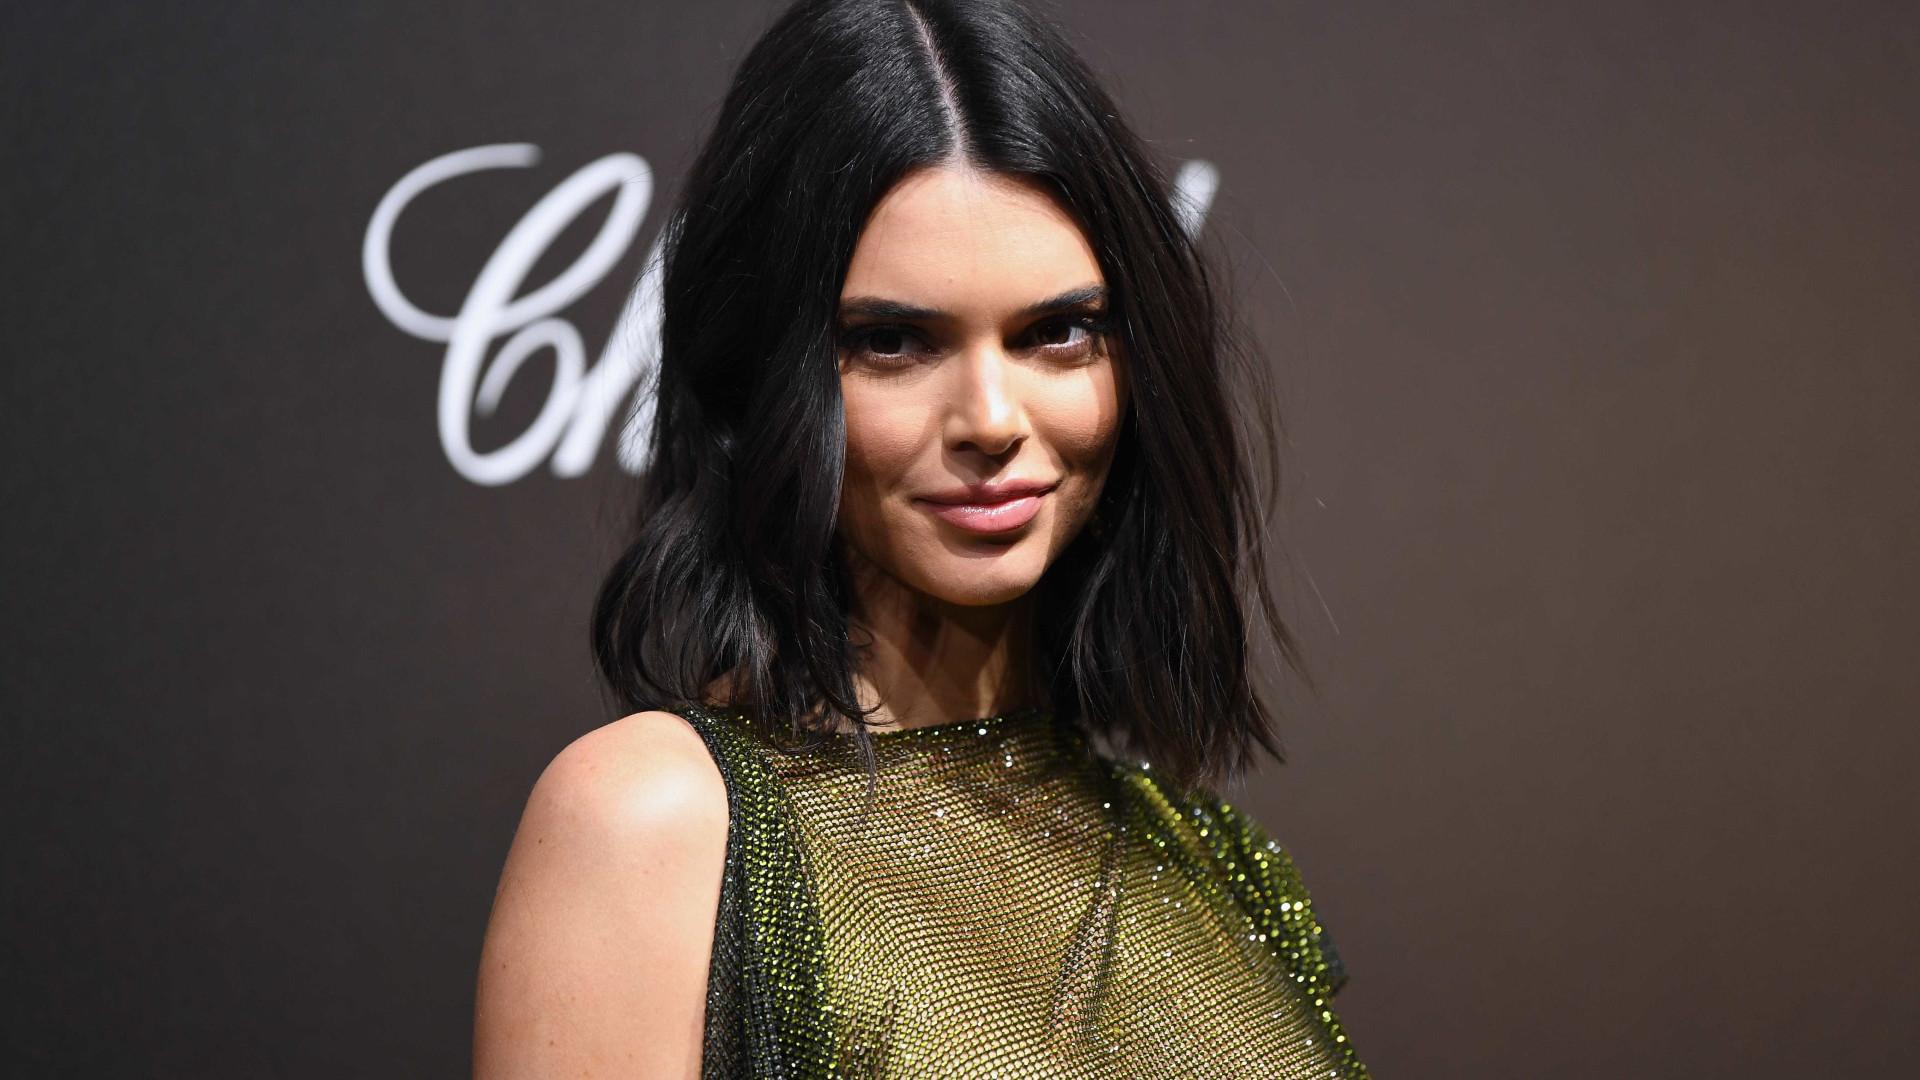 Em Cannes, Kendall Jenner aposta em 'look' com seios à mostra